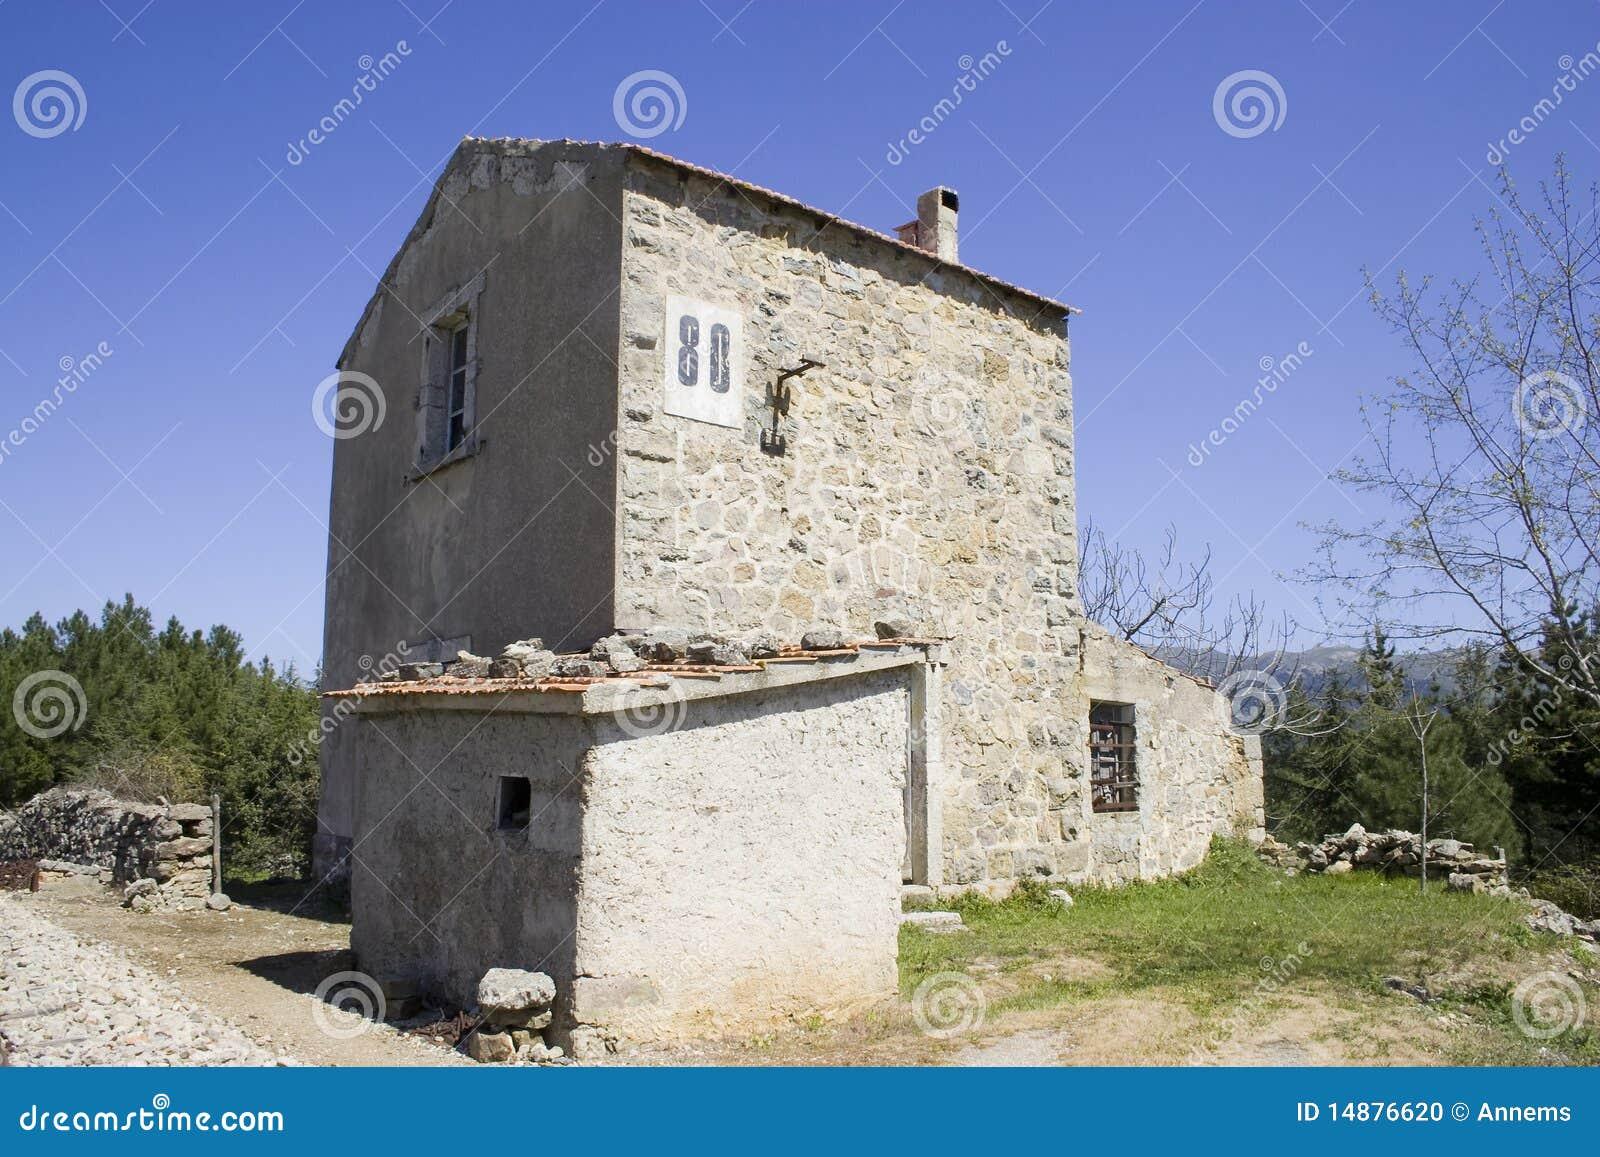 Case Di Pietra Sardegna : Case vacanza in pietra dai dammusi ai trulli dove andare in vacanza